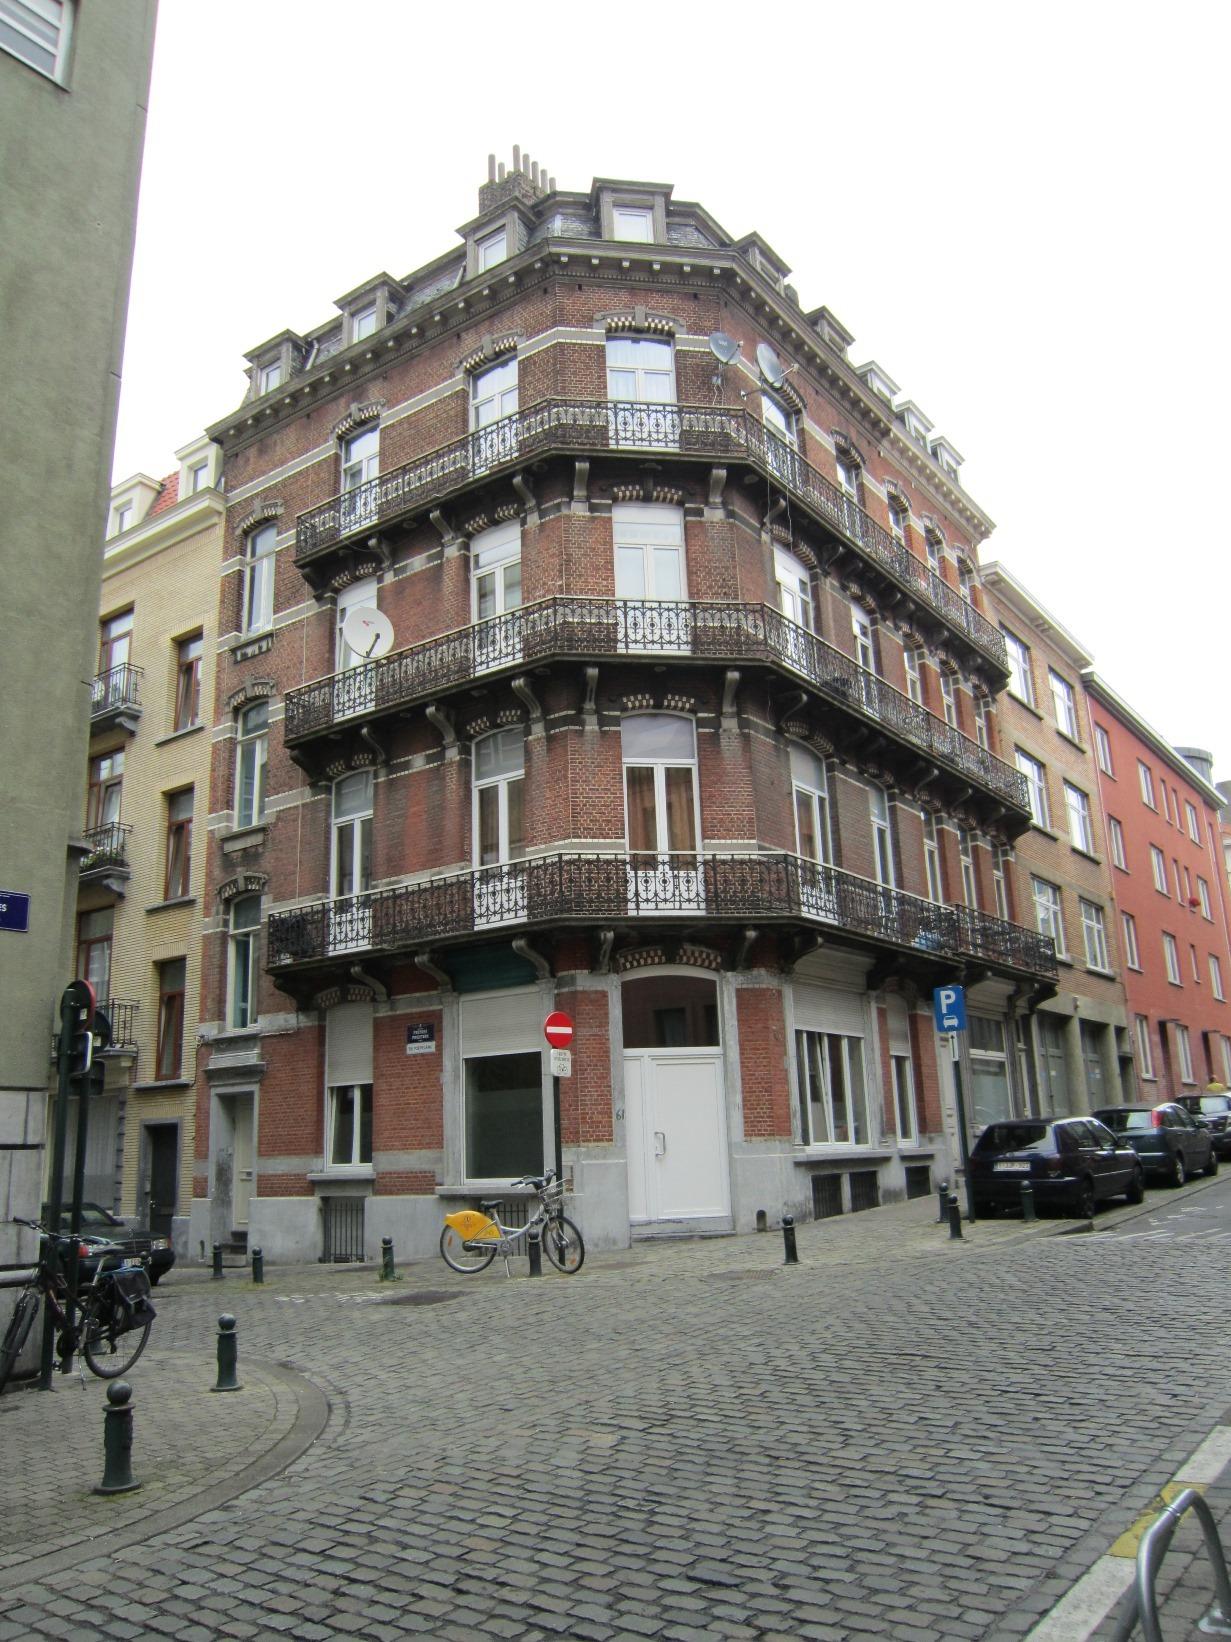 Wolstraat 57, 61 - Priestersstraat 30, 2015